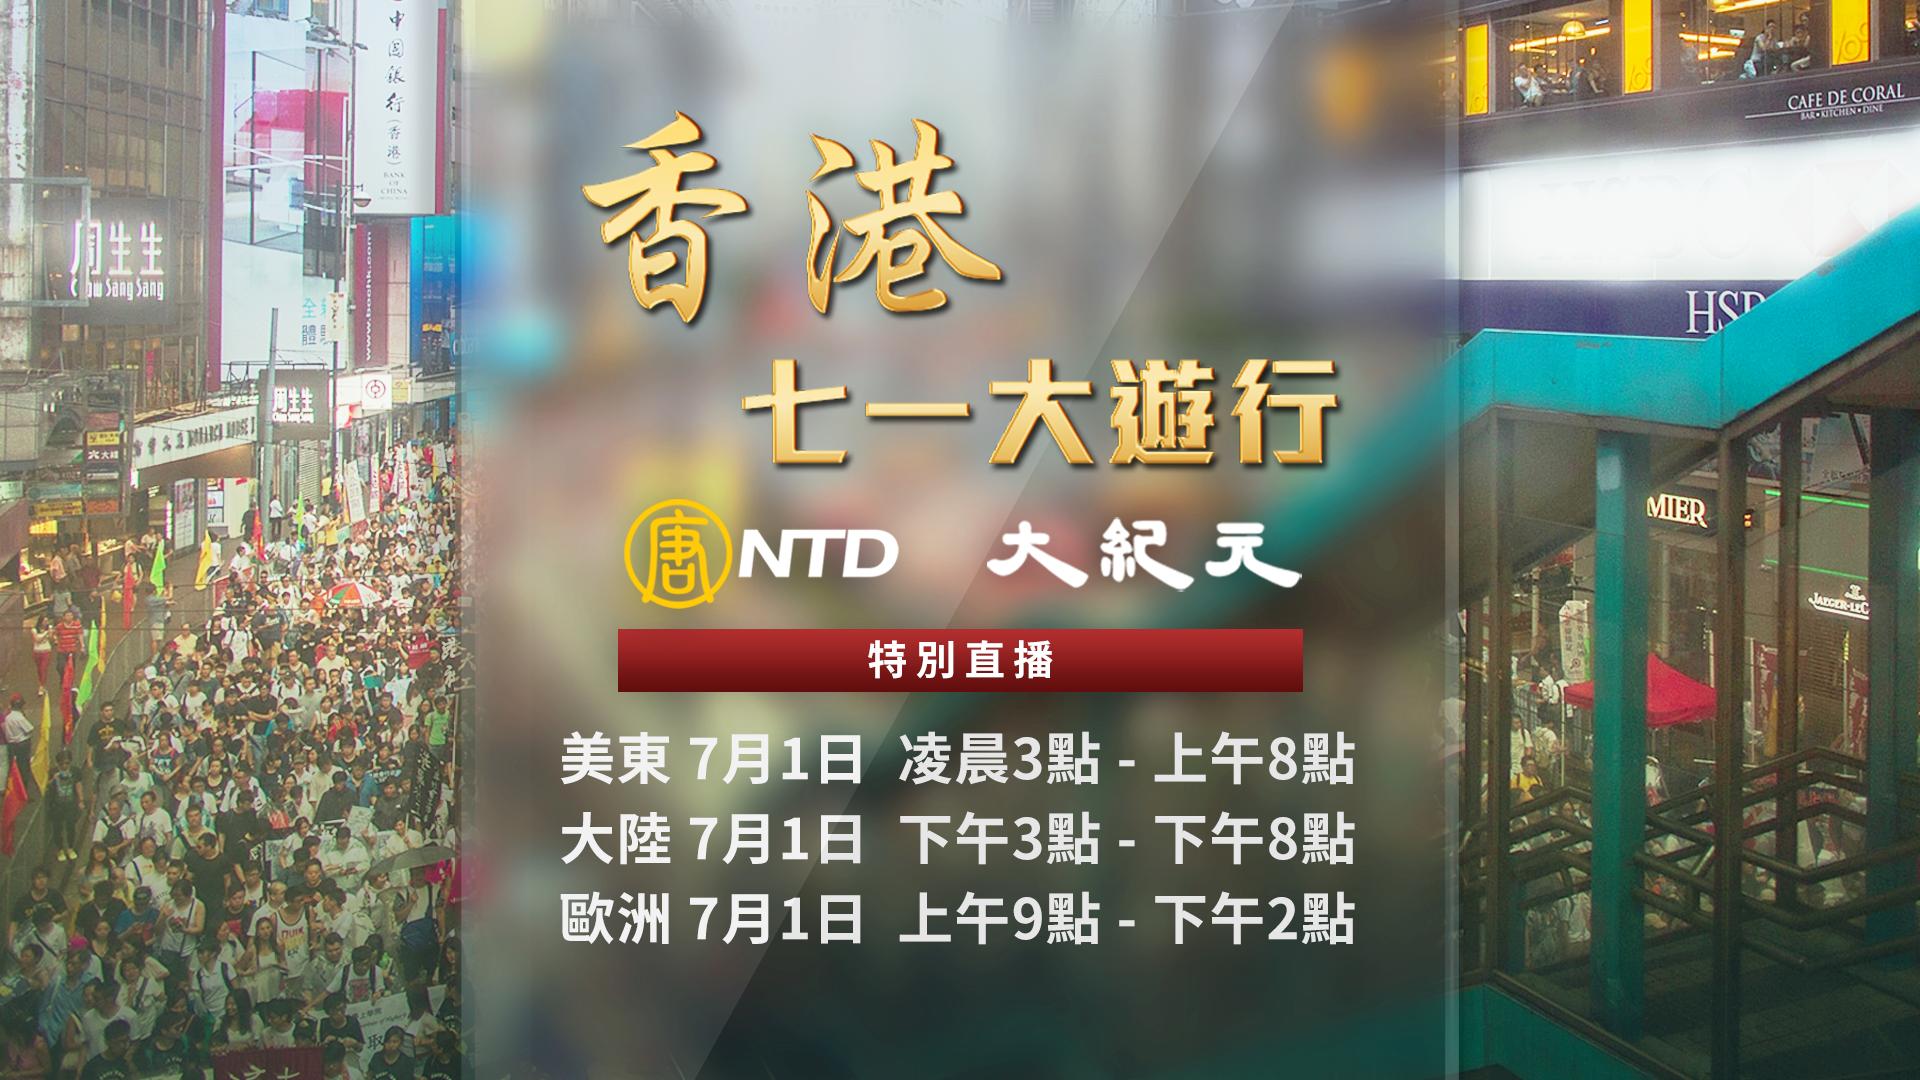 《新唐人》《大紀元》媒體集團將於當地時間七月一日下午三點開始,全程轉播香港大遊行現場實況,敬請鎖定。(大紀元)